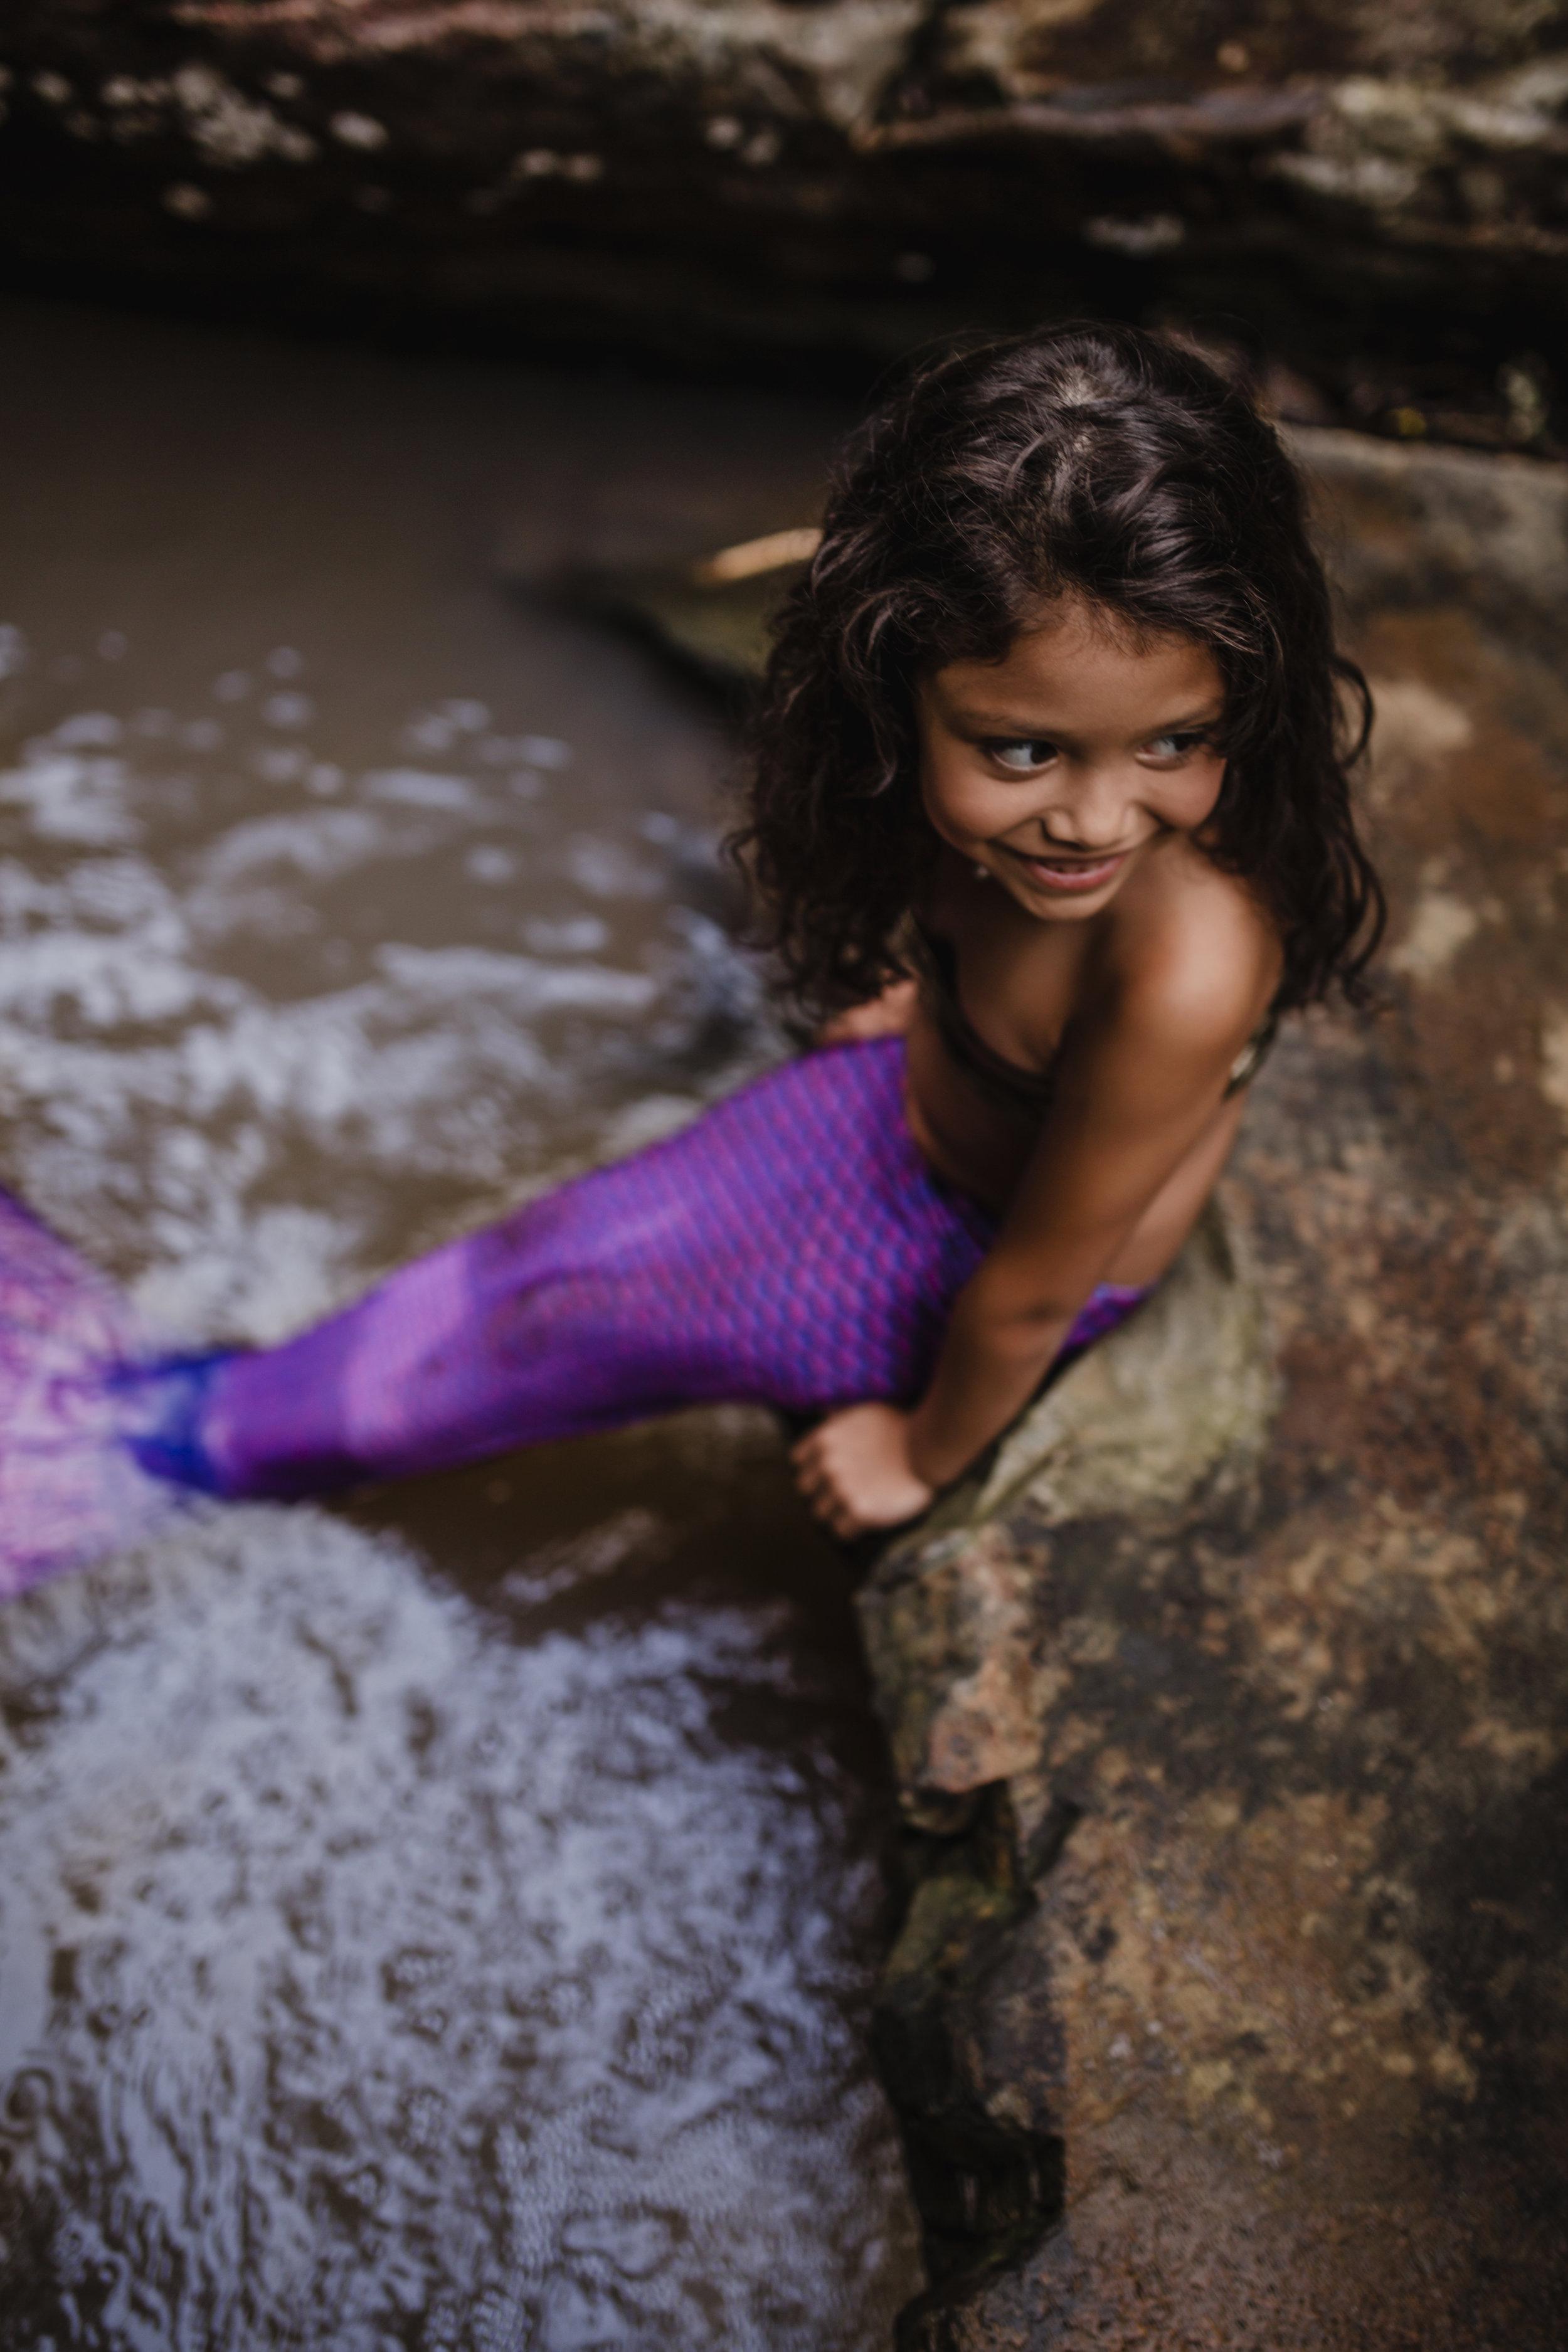 Jazzy mermaid 243.JPG